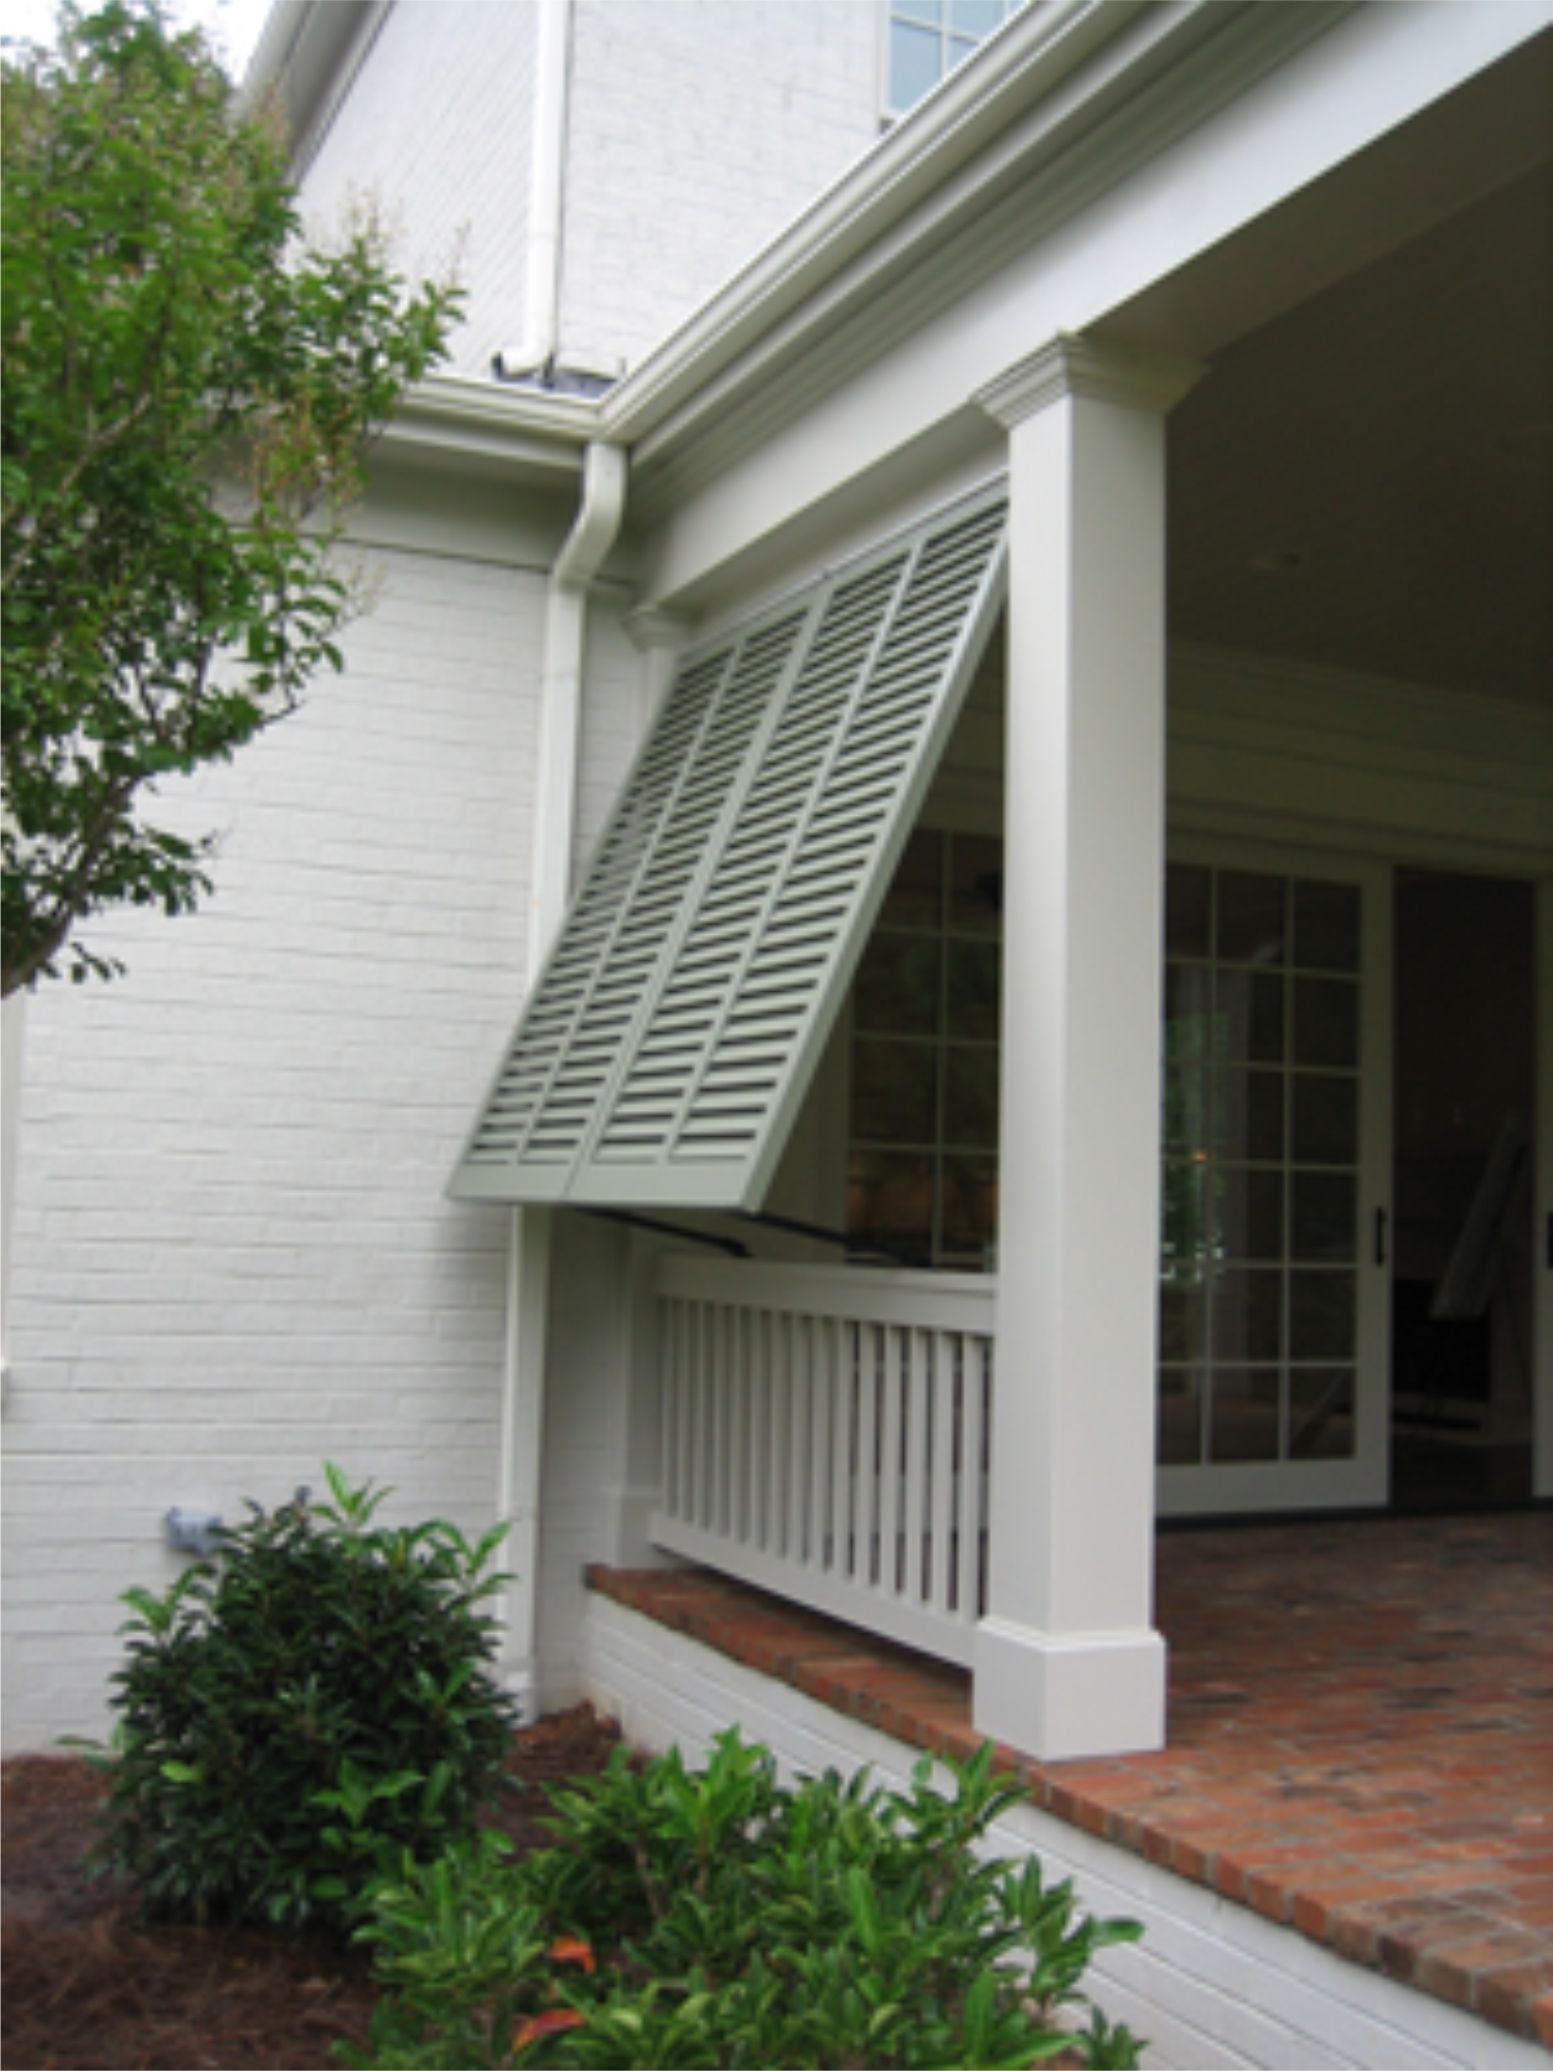 Bermuda style window shutters.